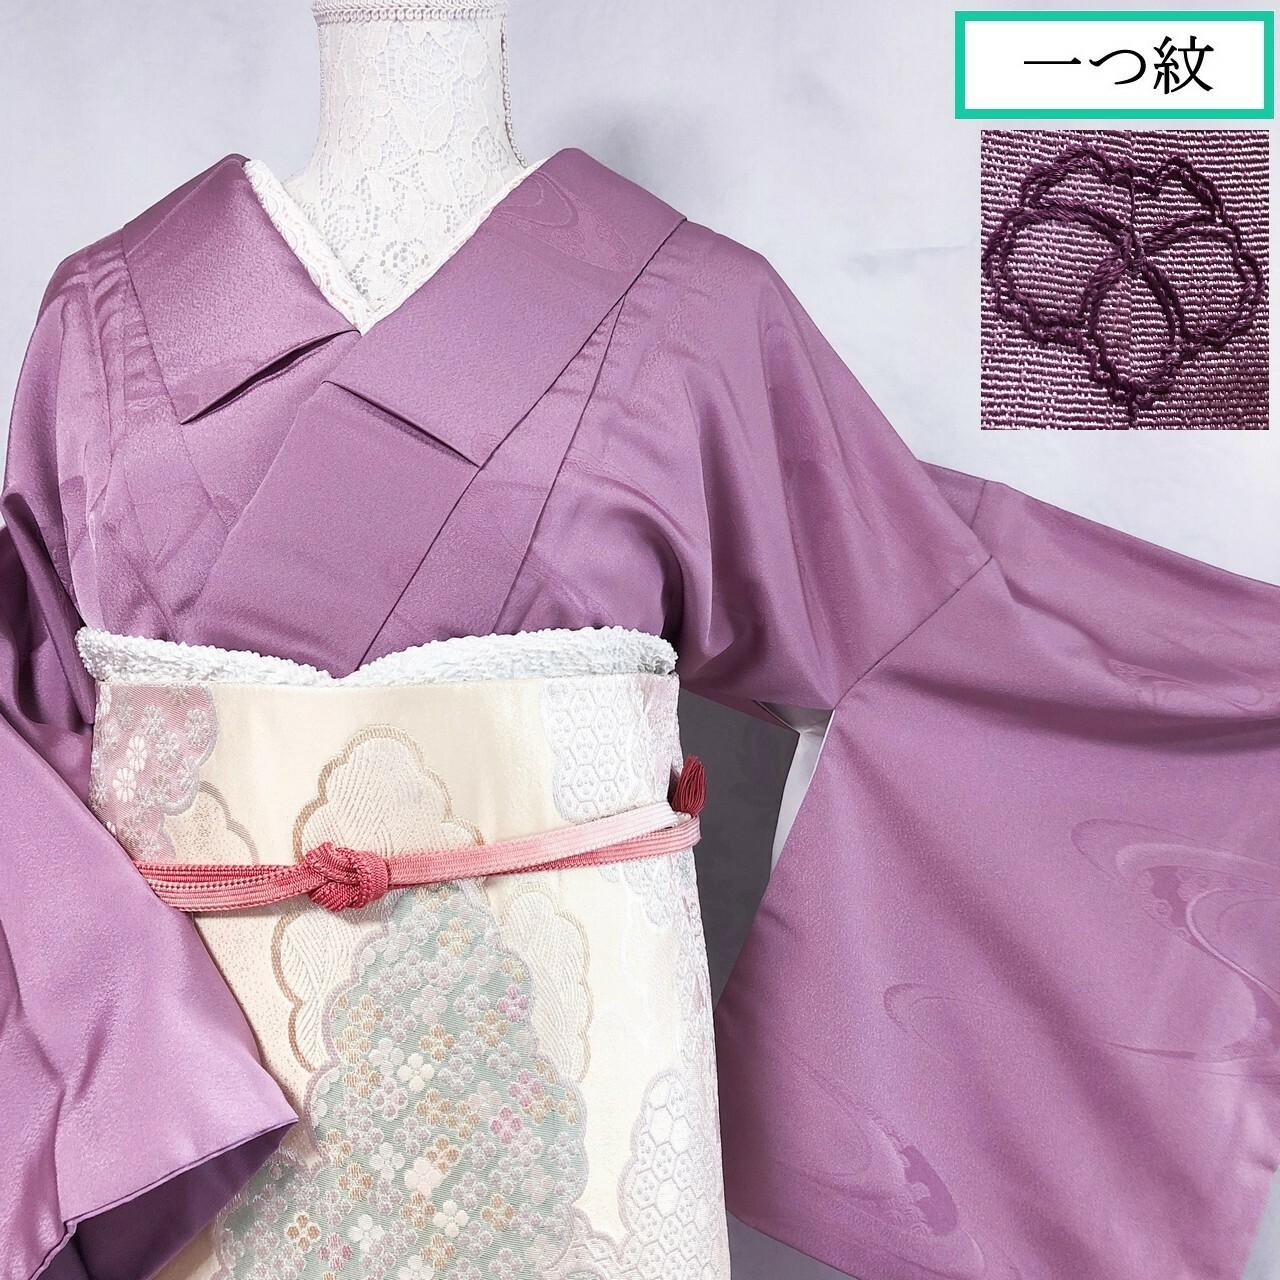 【縫い紋】一つ紋 色無地 流水織出しに亀甲模様 古代紫色 表地化繊 丈166裄67